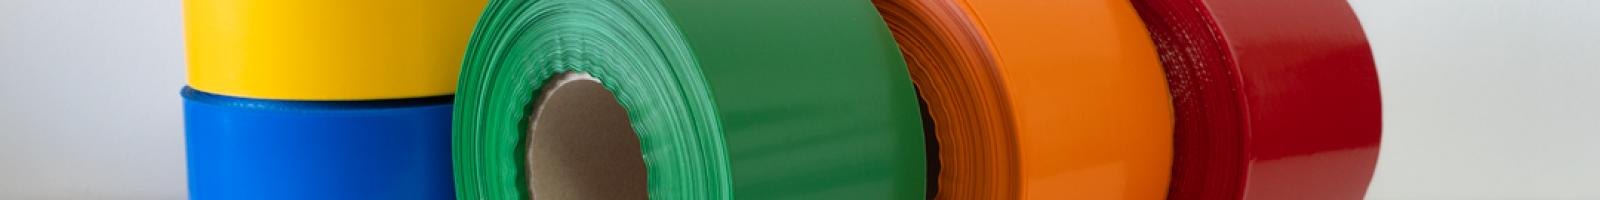 Plásticos Moratilla S.L.   Cinta de balizamiento